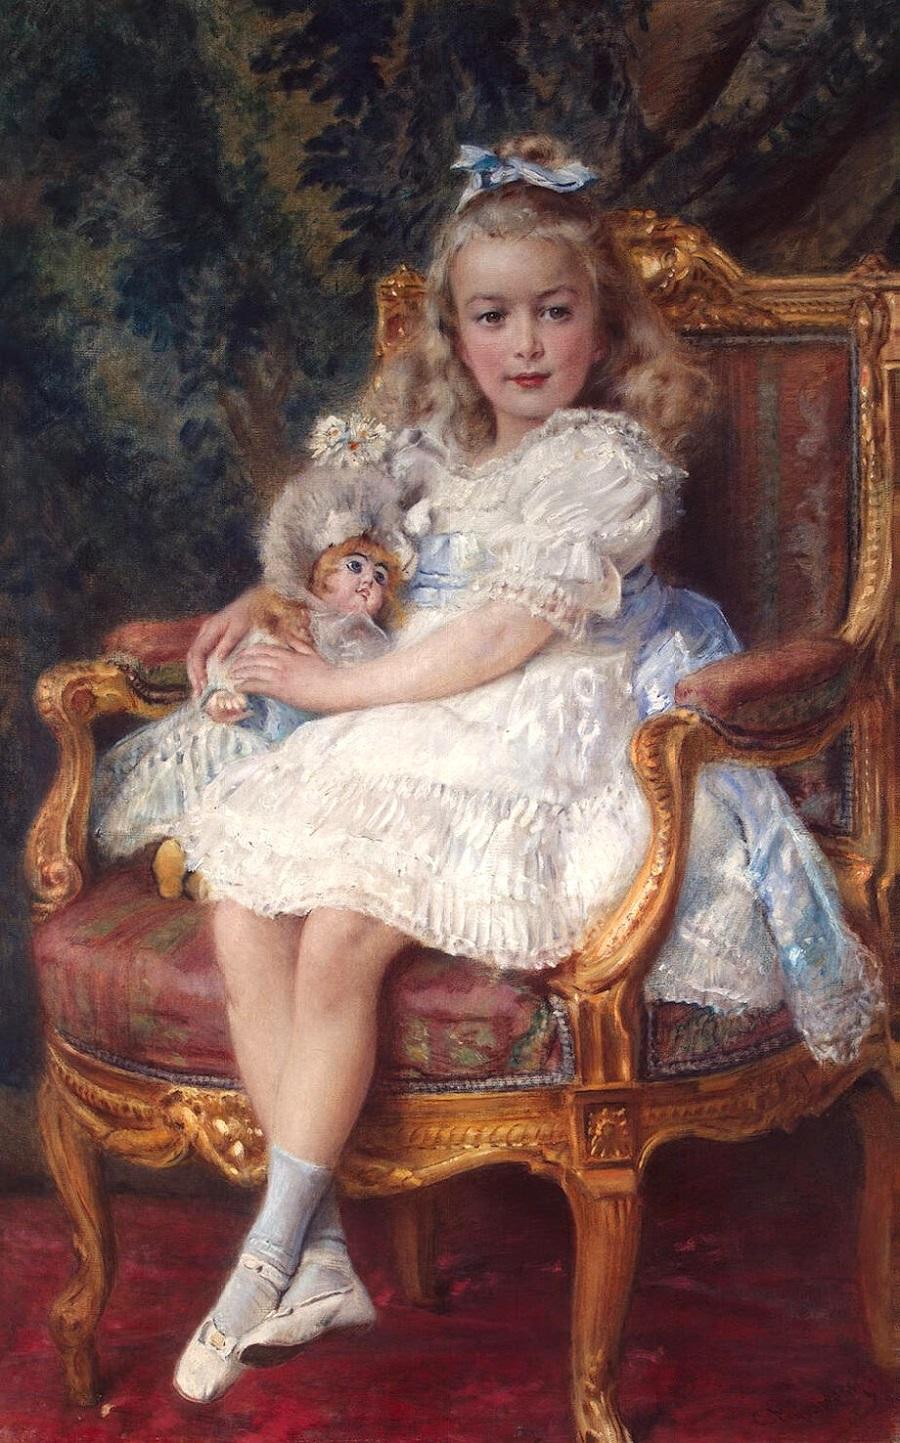 Портрет великой княжны Марии Николаевны_х.,м._Санкт-Петербург, Эрмитаж.